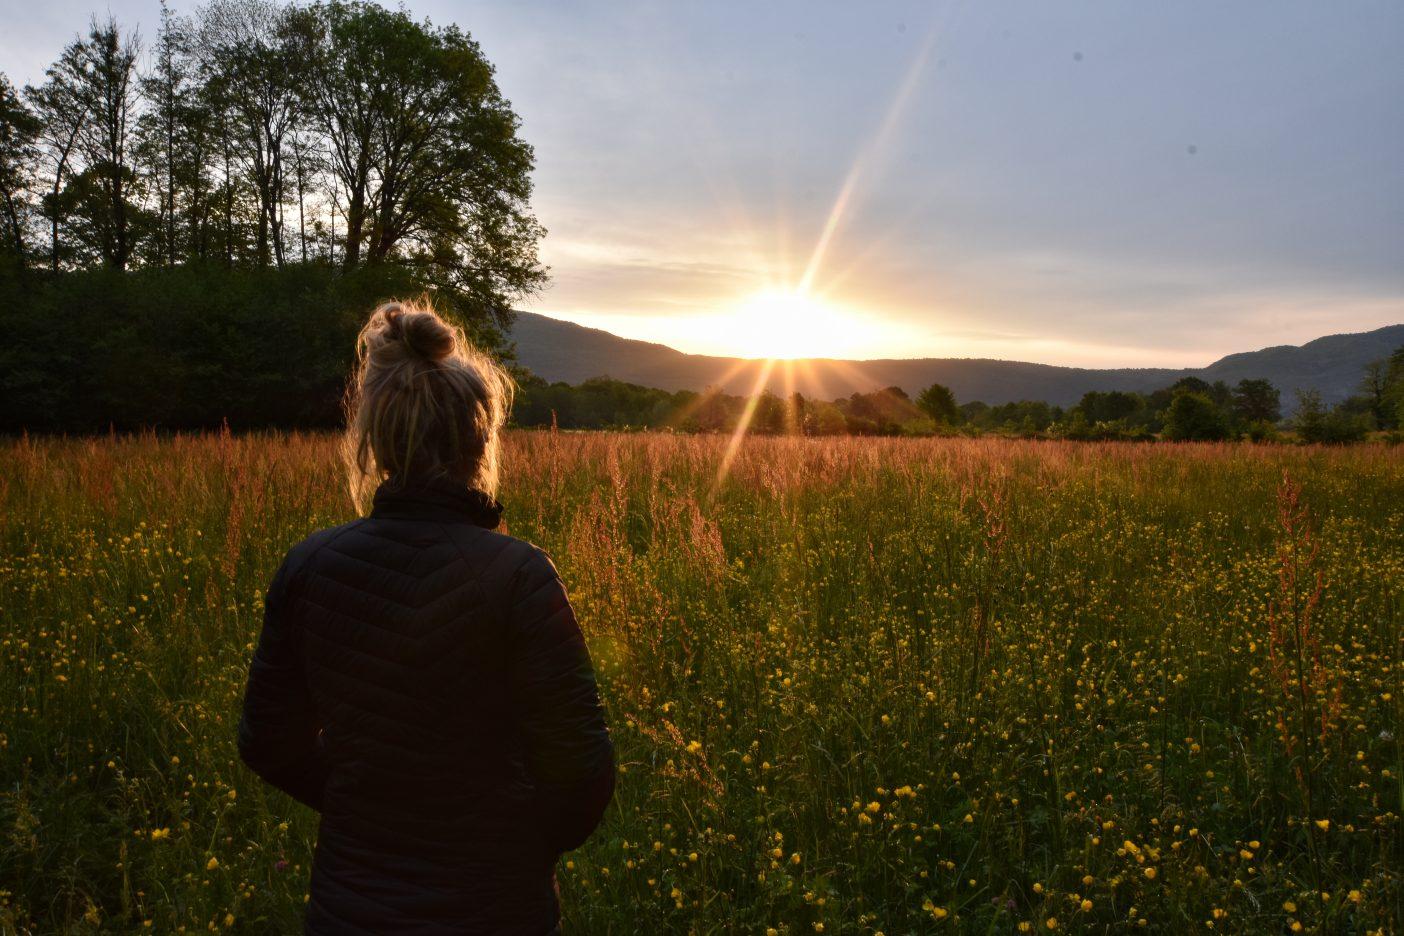 Girl camping in beautiful nature